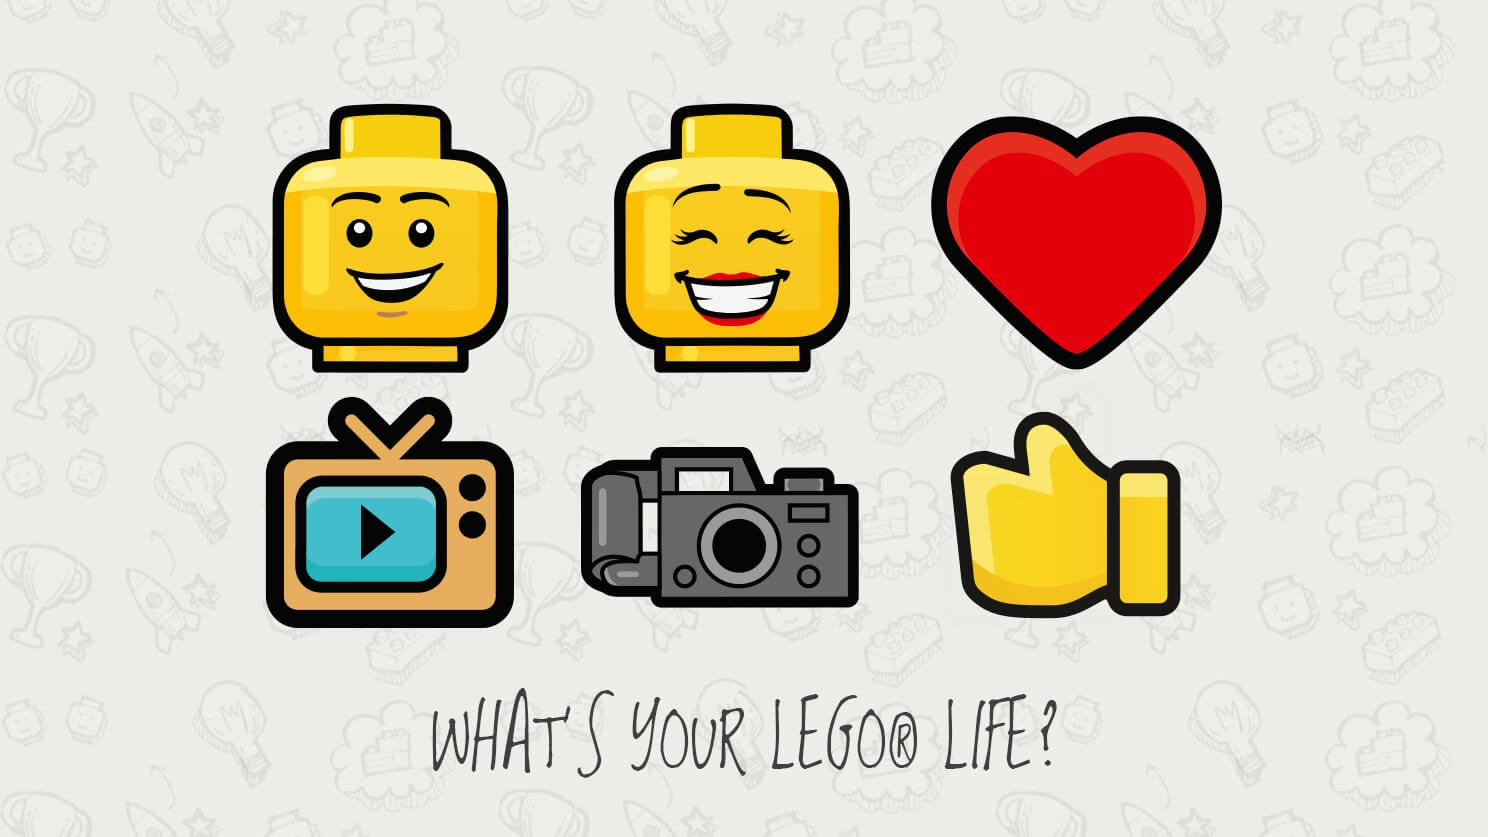 Lego создала социальную сеть для детей